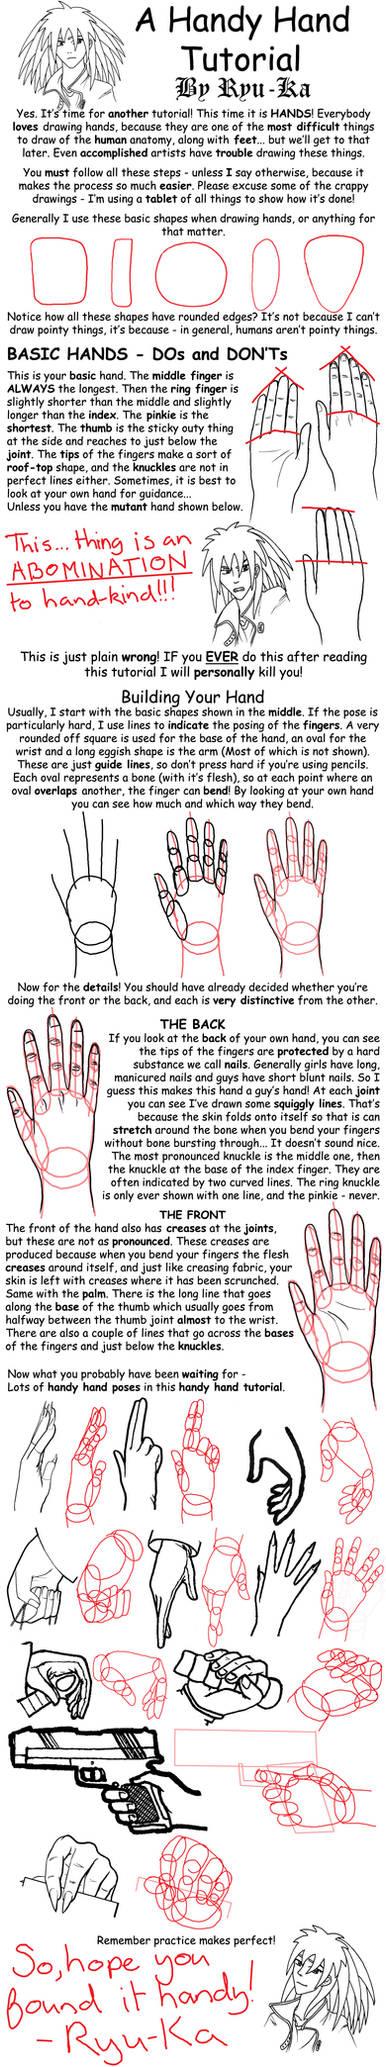 A Handy Hand Tutorial